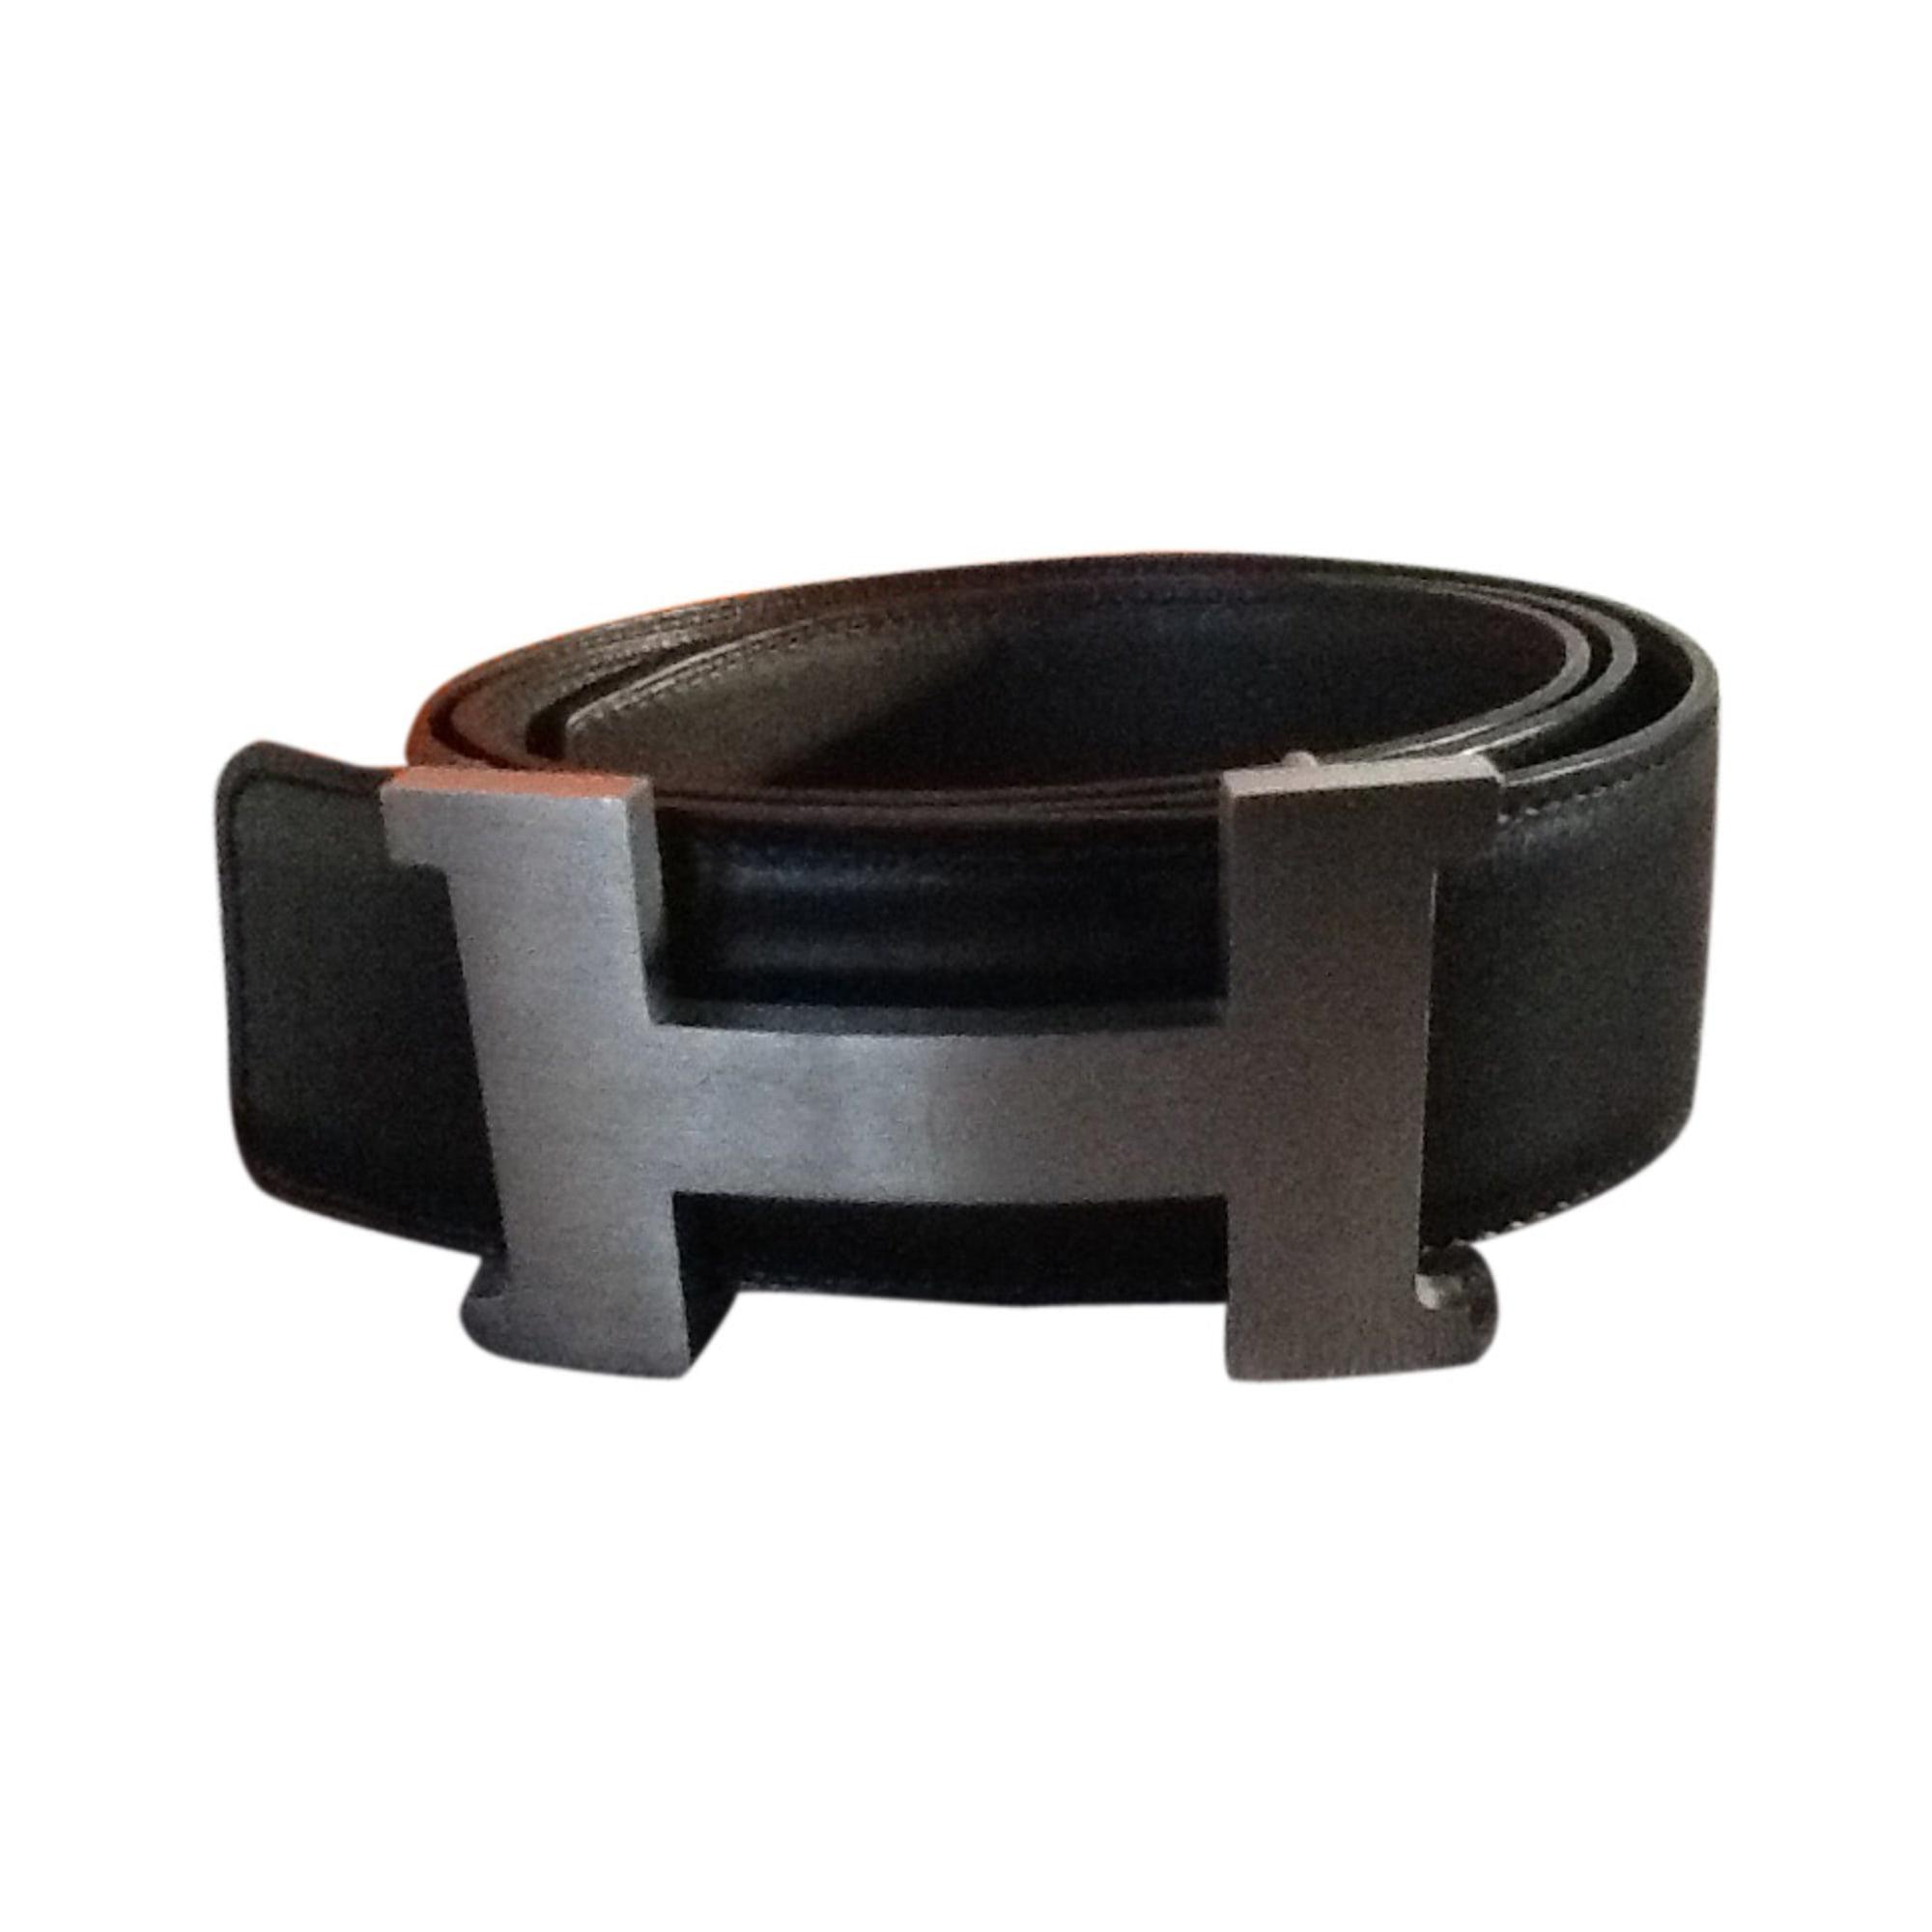 Ceinture HERMÈS 90 noir vendu par Nastykirl82763 - 2507227 c6fb5c32171